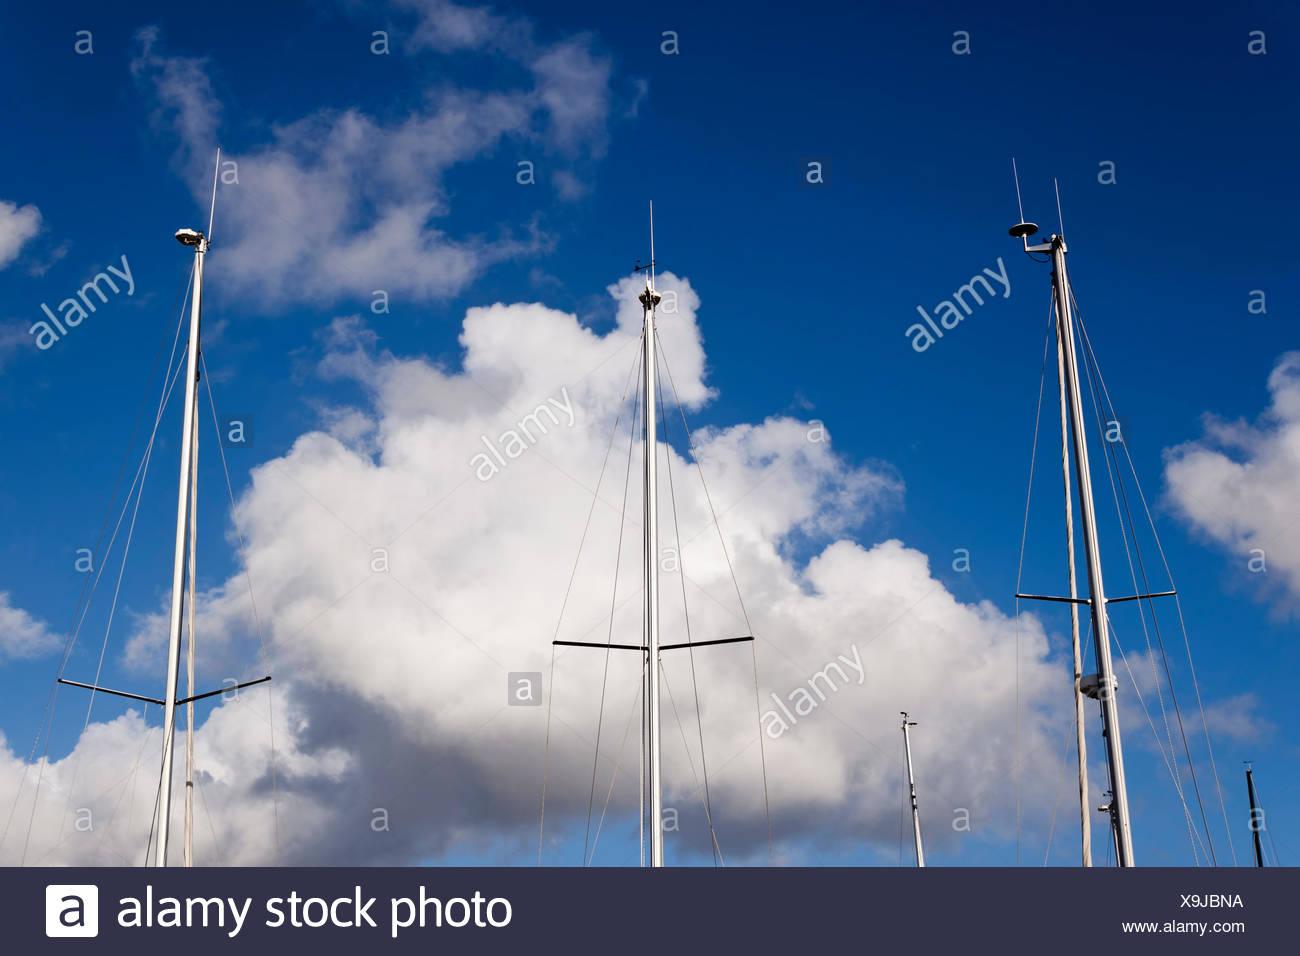 Clouds Radar Anemometer Stock Photos & Clouds Radar